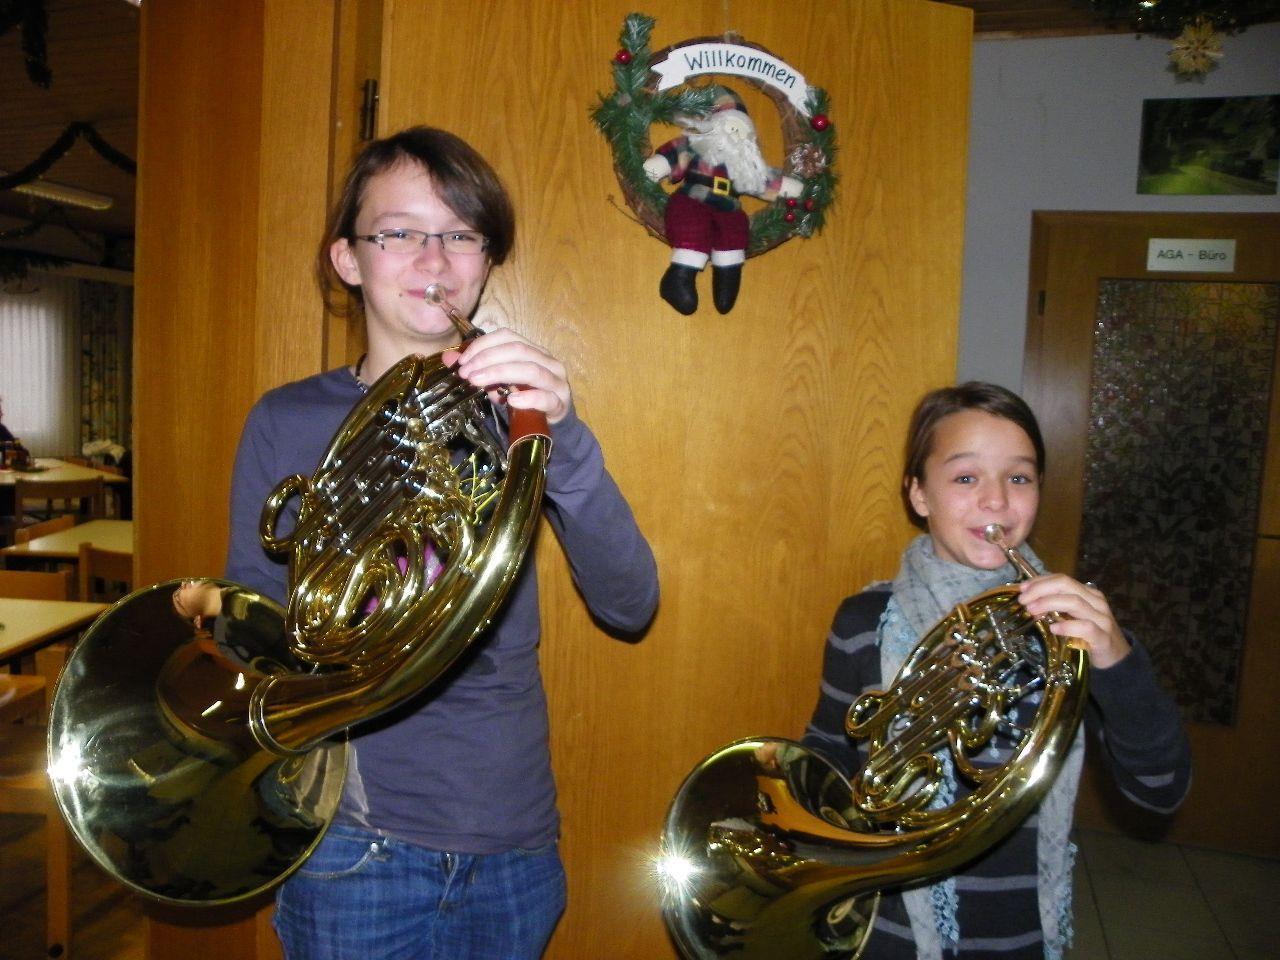 Die Gäste wurden mitweihnachtlichen Weisen begrüßt